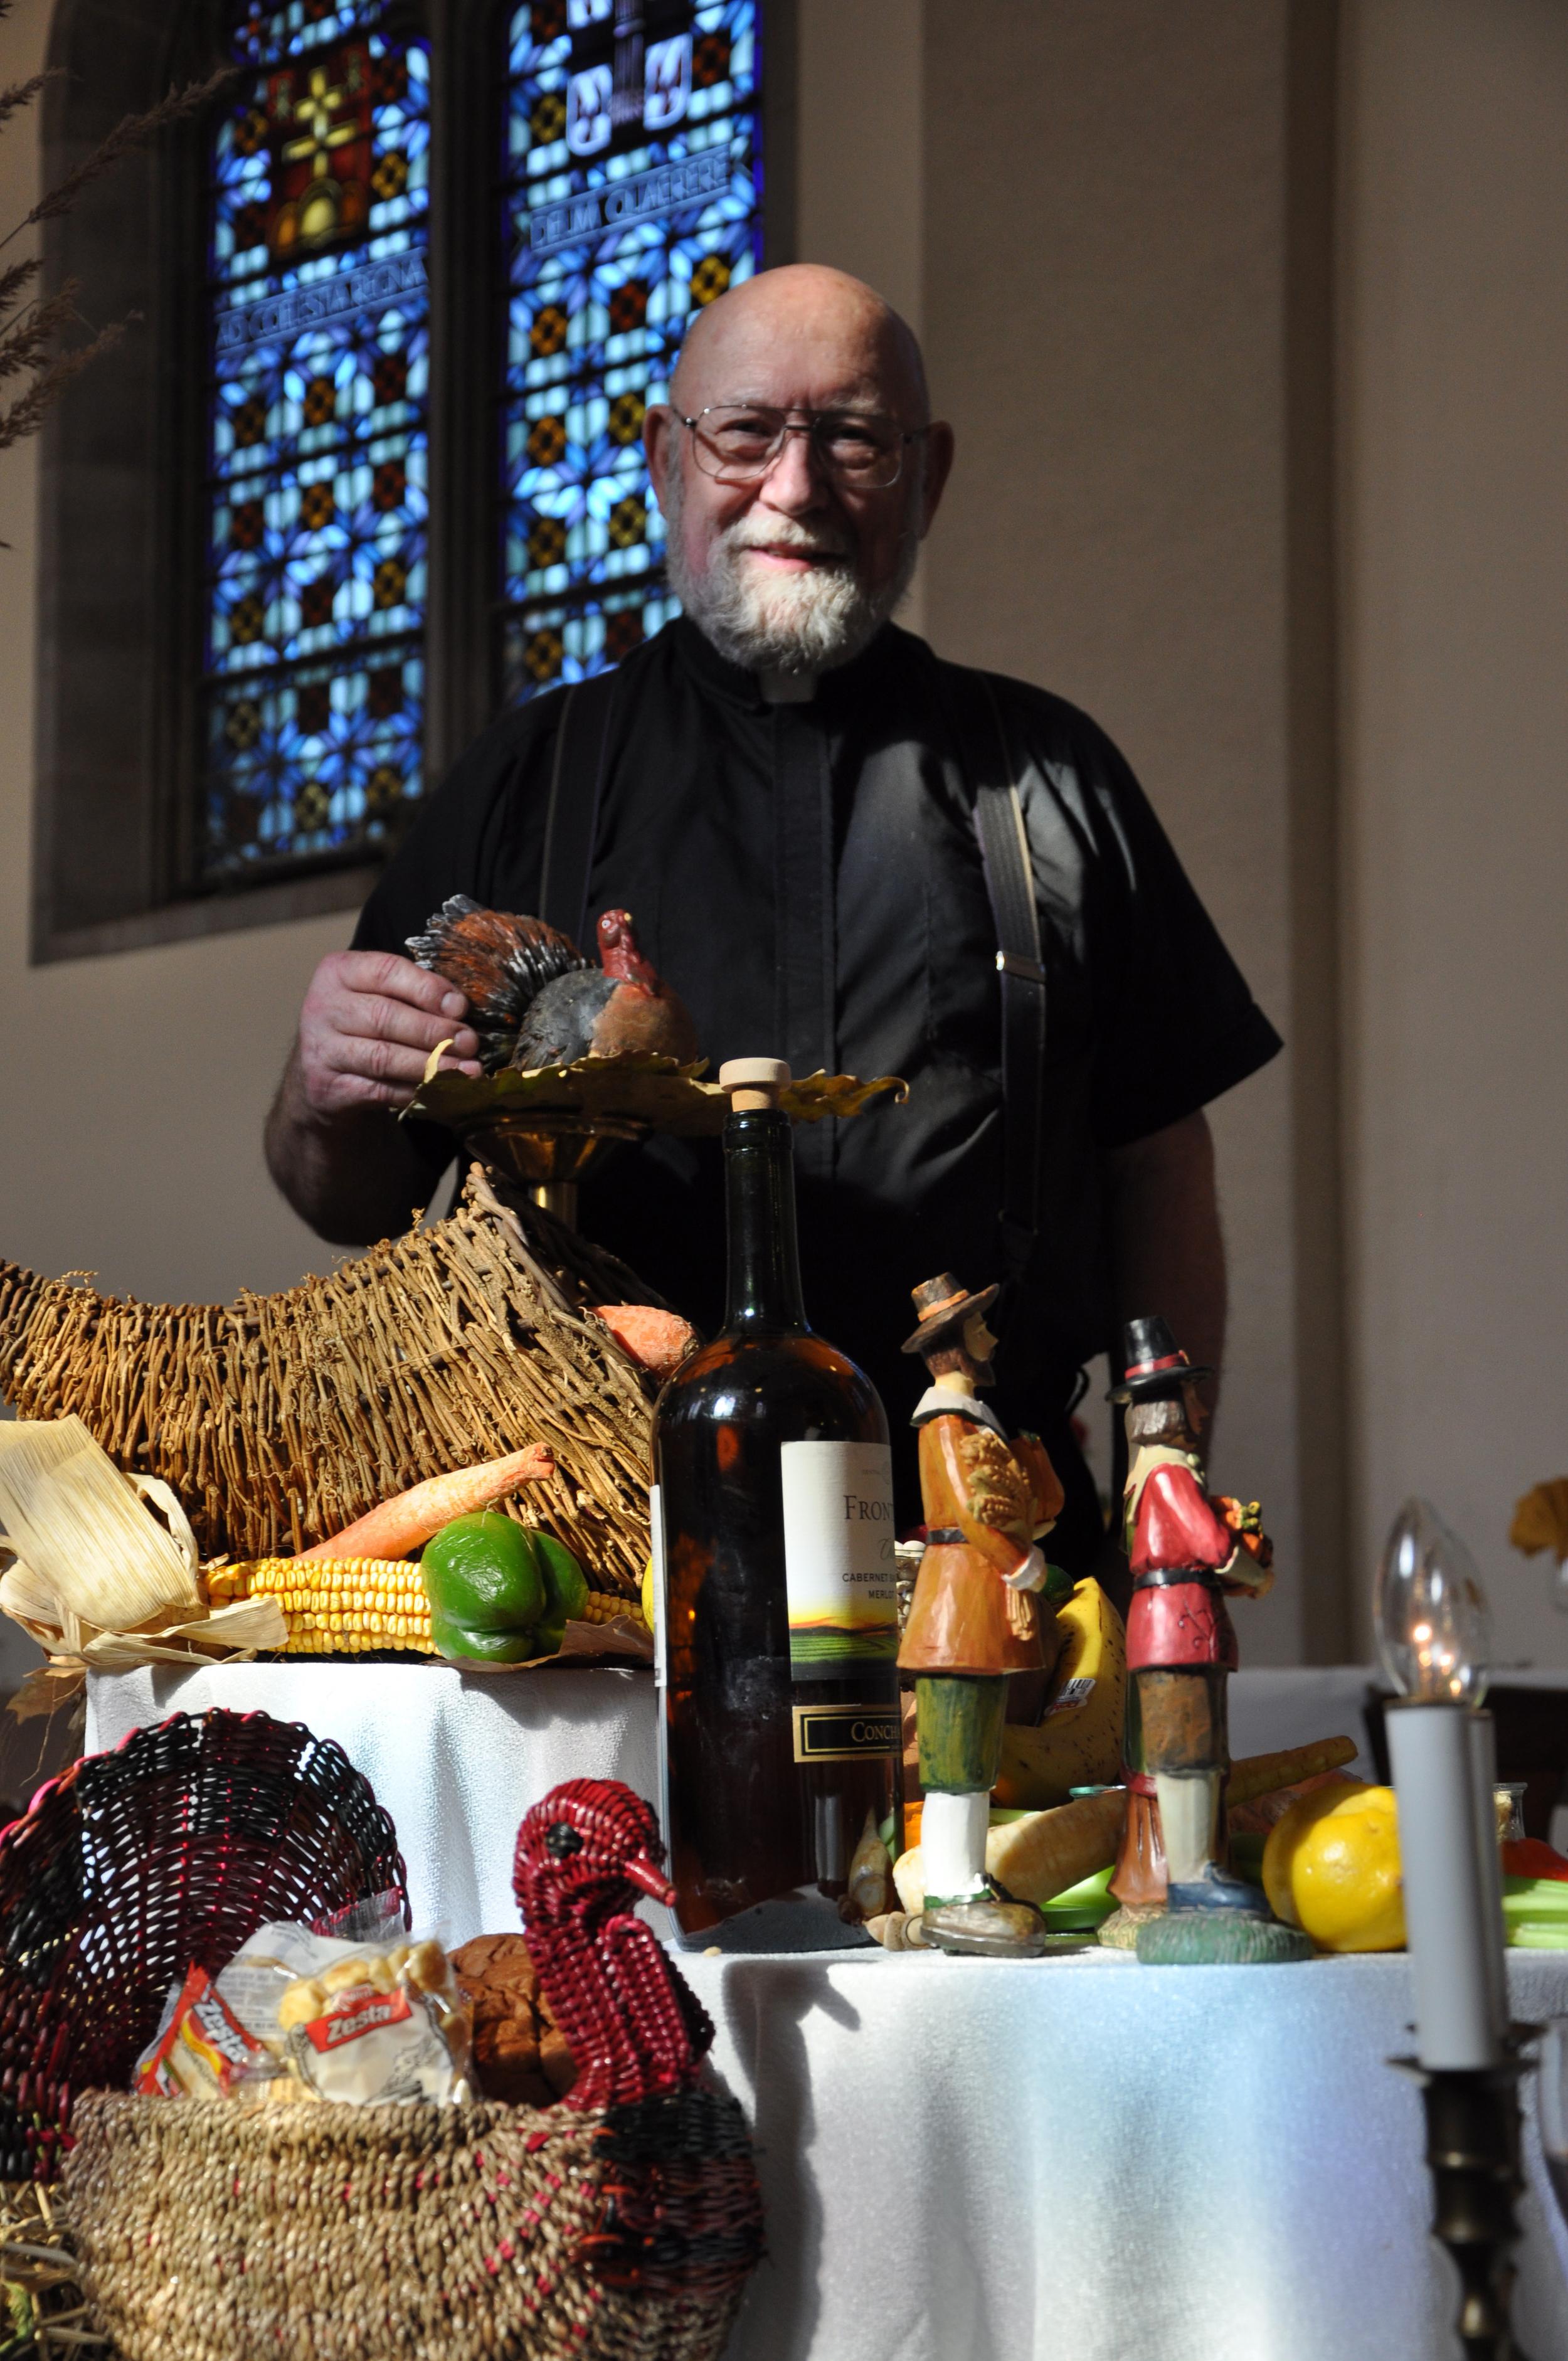 Fr. Aaron Peters - 44 Years